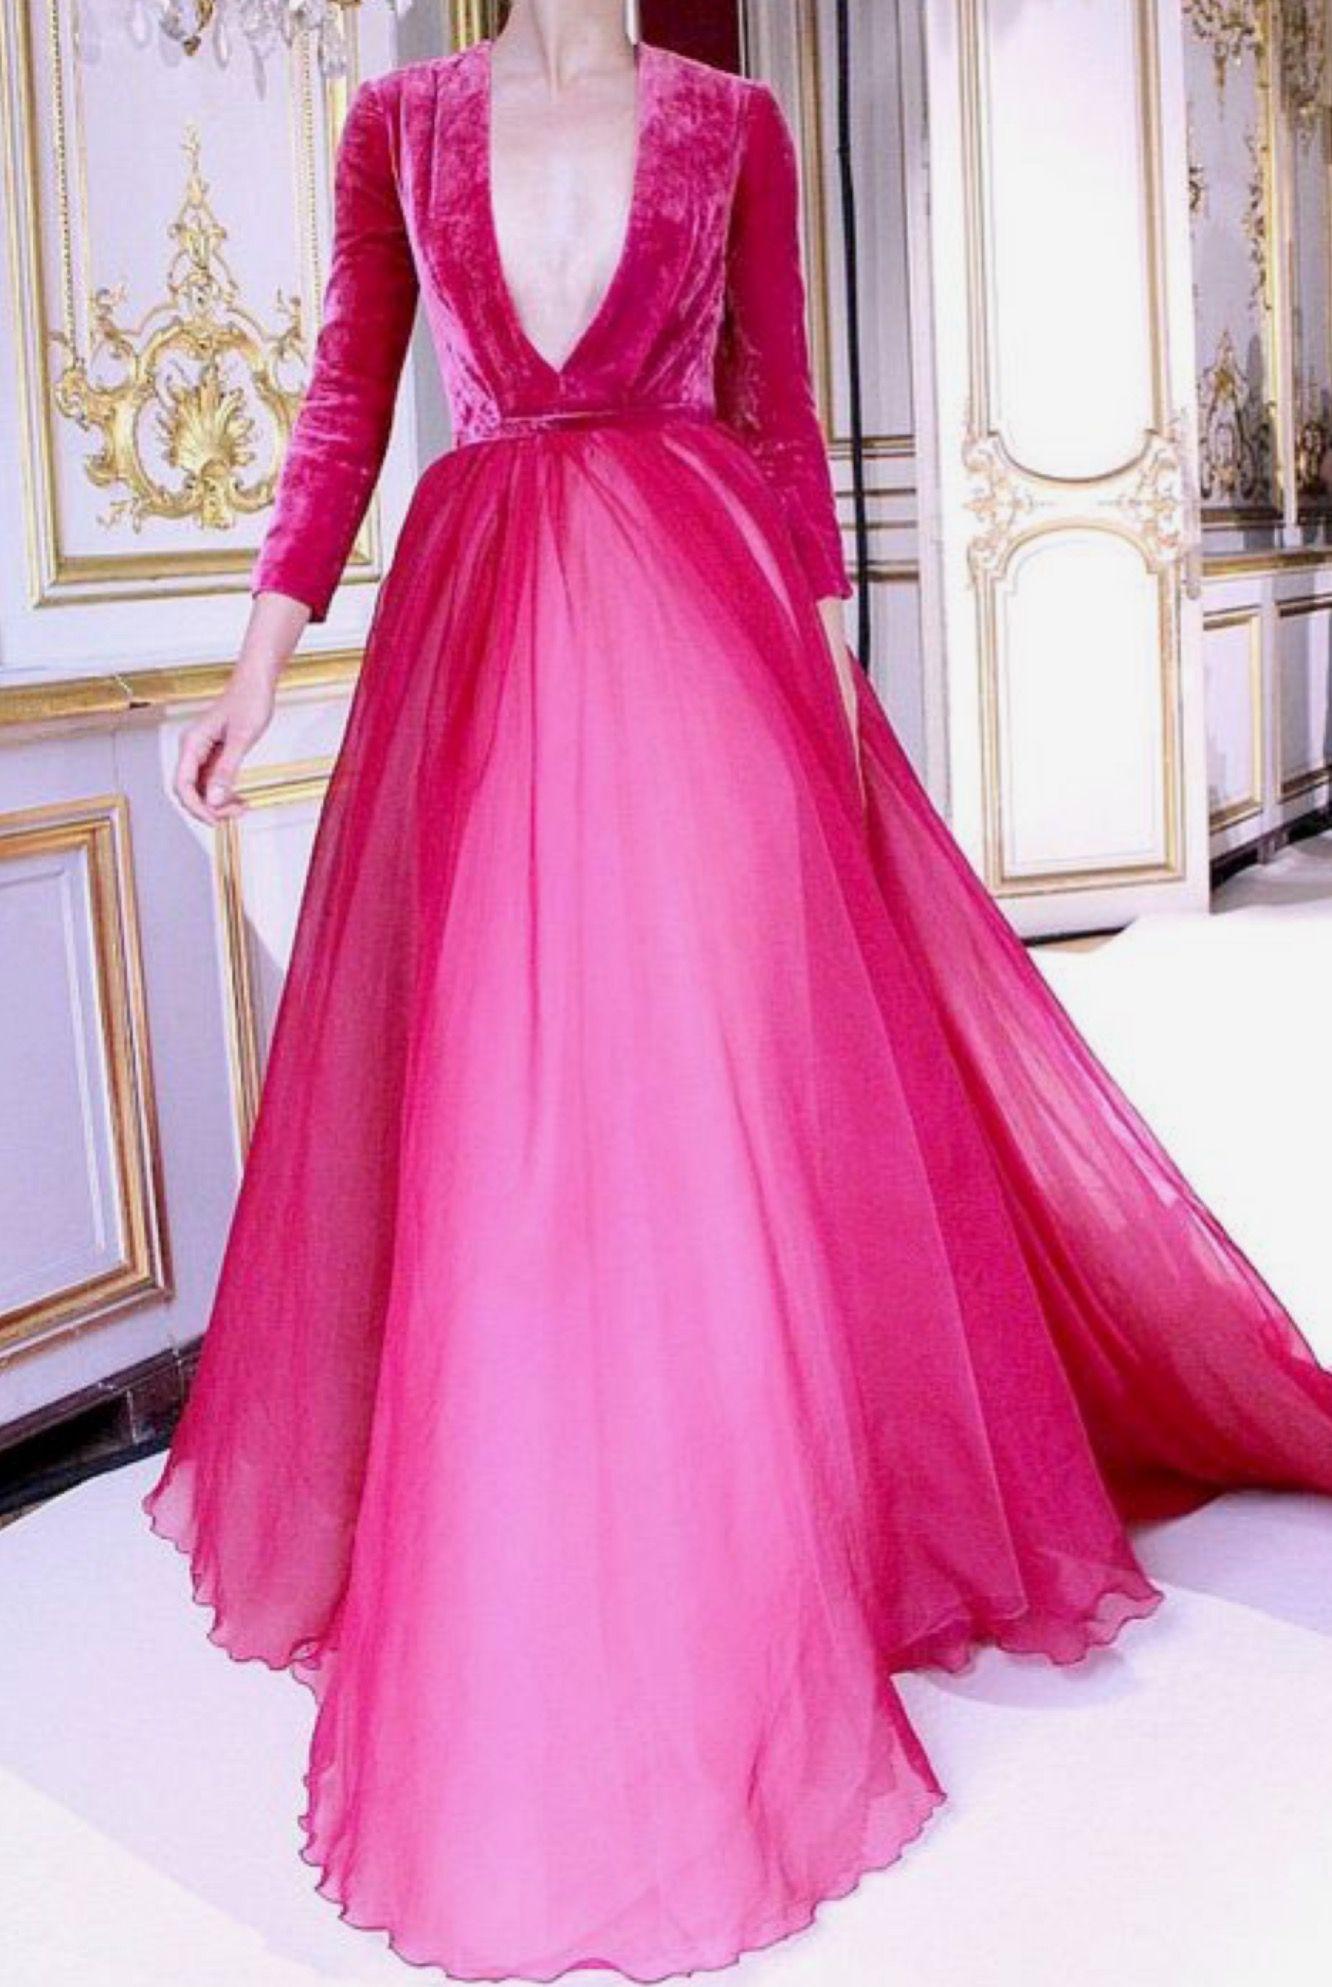 Pin de wyn reed hopkins en fashion: wish to wear | Pinterest